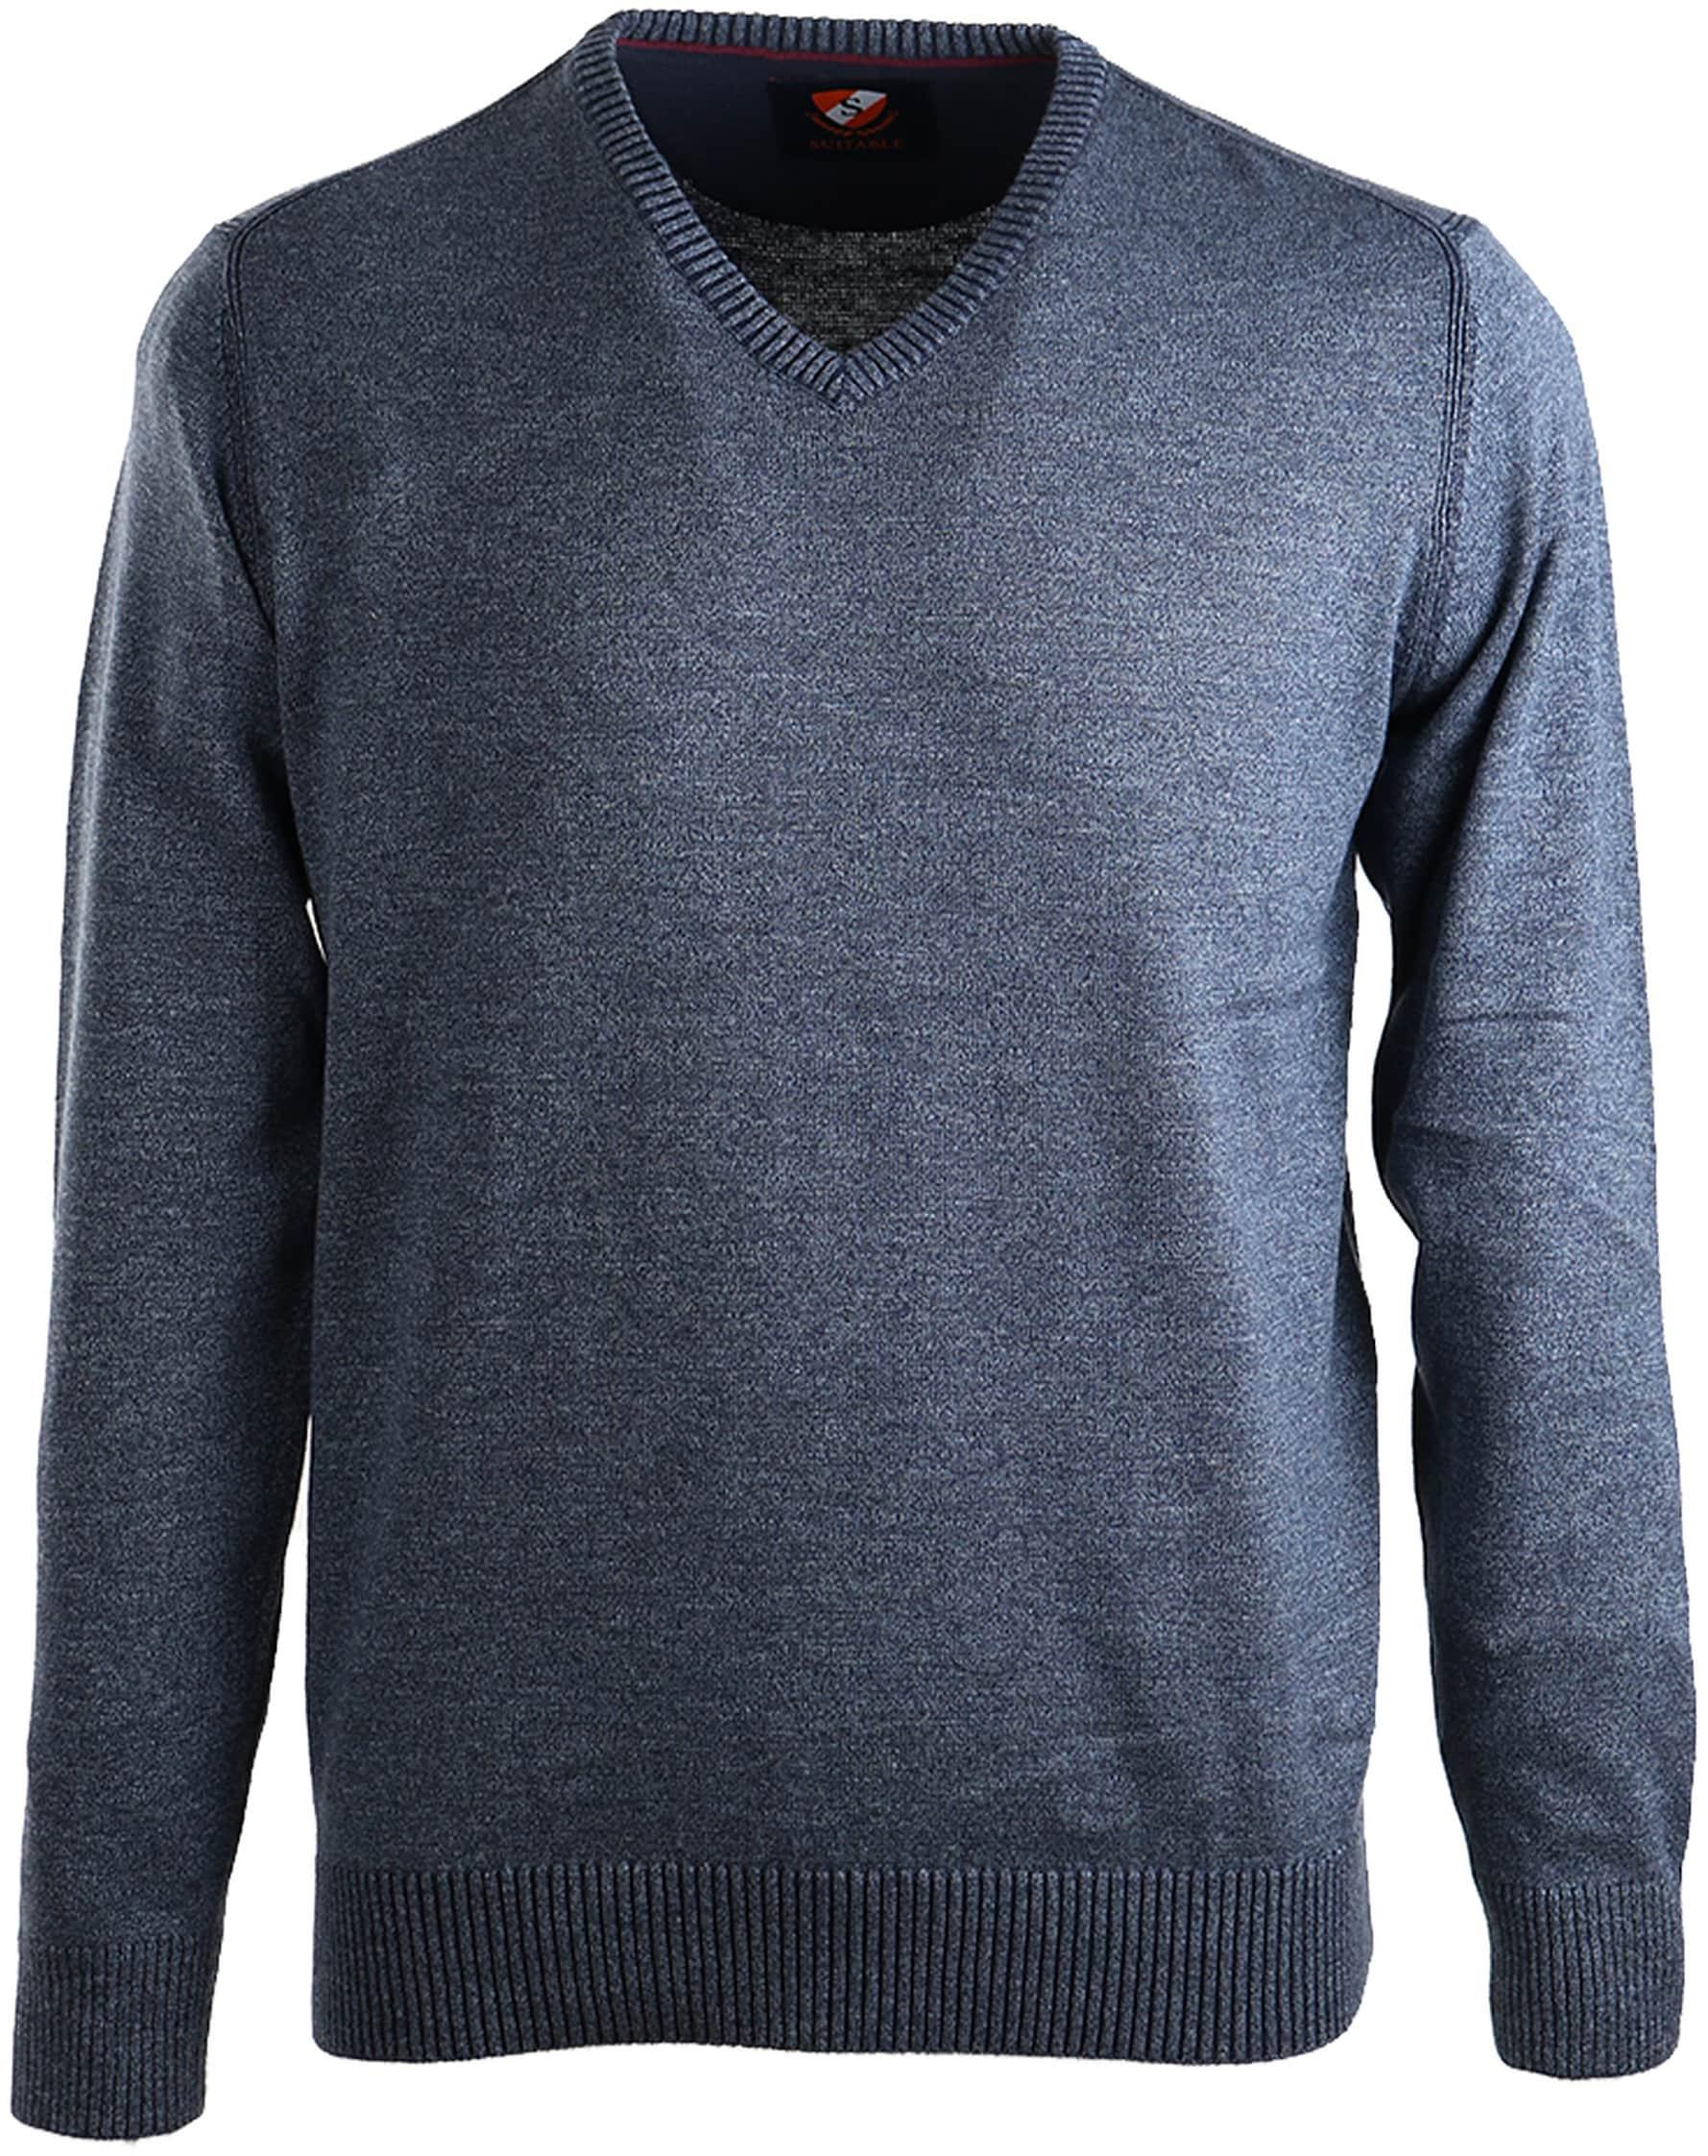 Suitable Pullover Katoen Donkerblauw foto 0